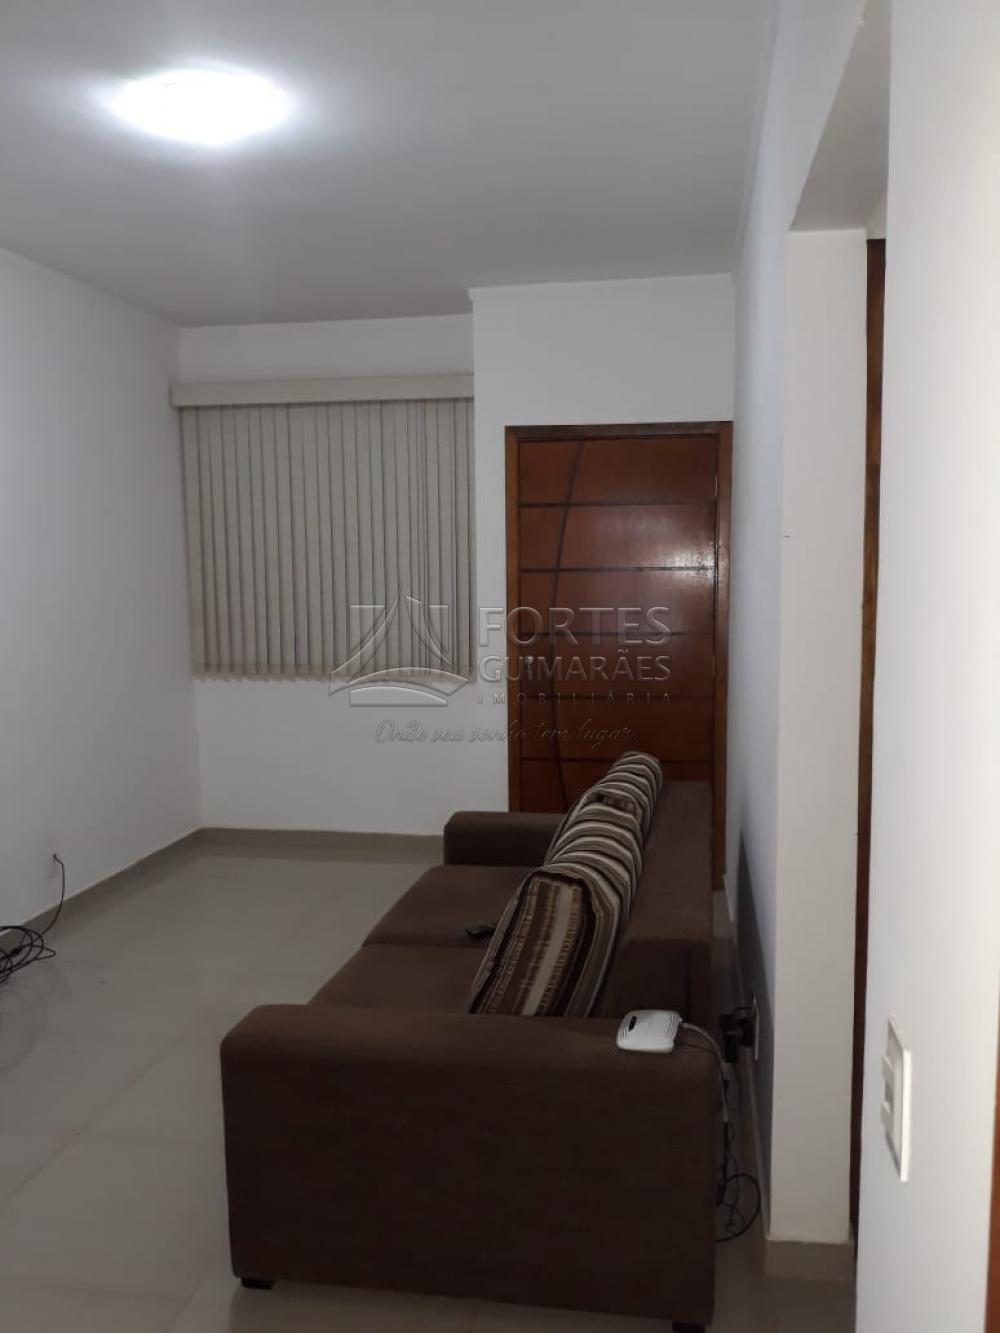 Alugar Casas / Padrão em Ribeirão Preto apenas R$ 1.200,00 - Foto 35